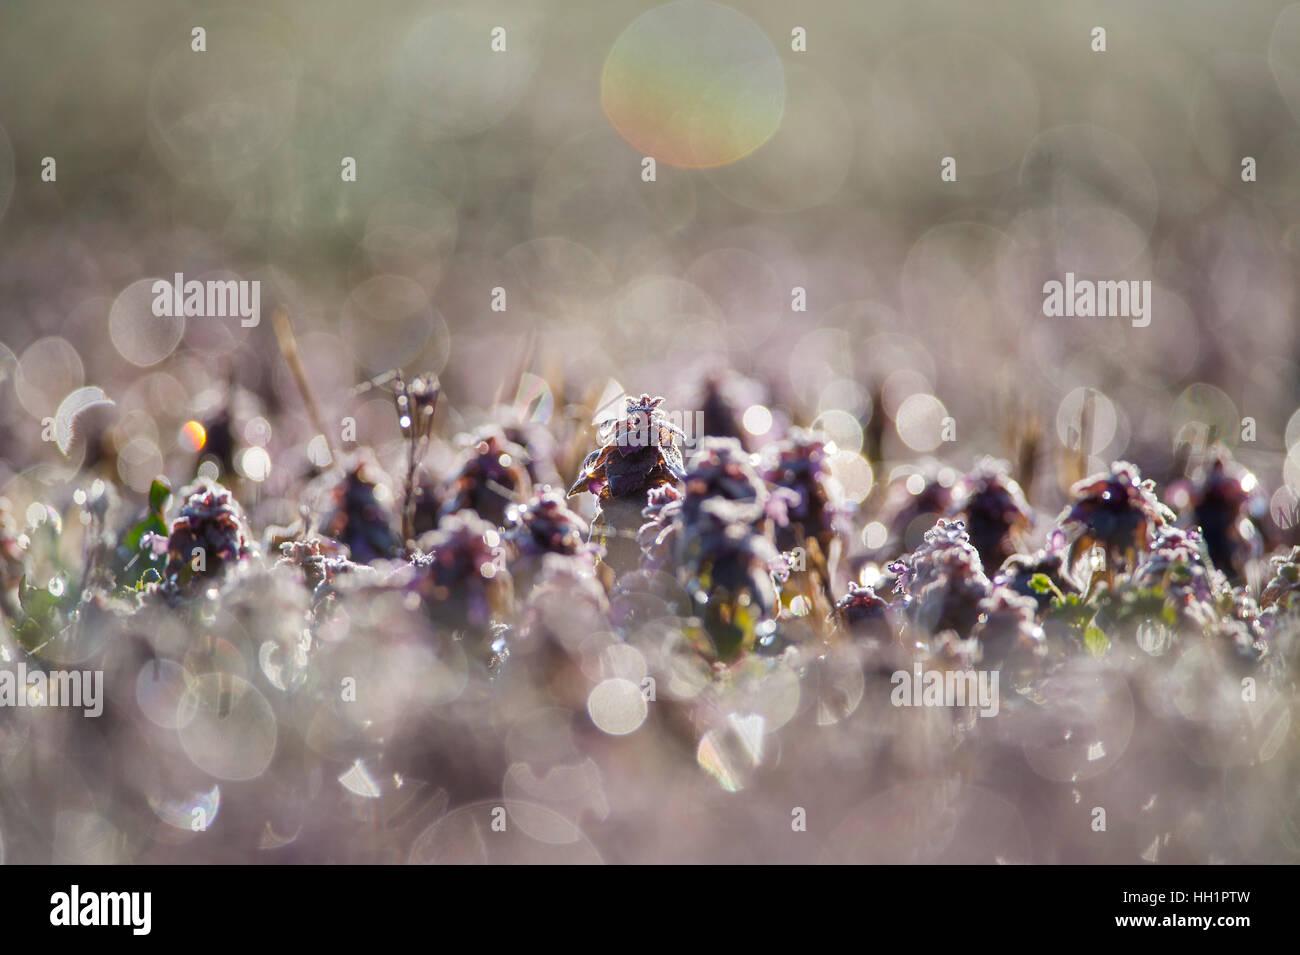 Ein kleines Feld von Tau bedeckt lila Blüten ist zurück von der Morgensonne beleuchtet. Stockbild